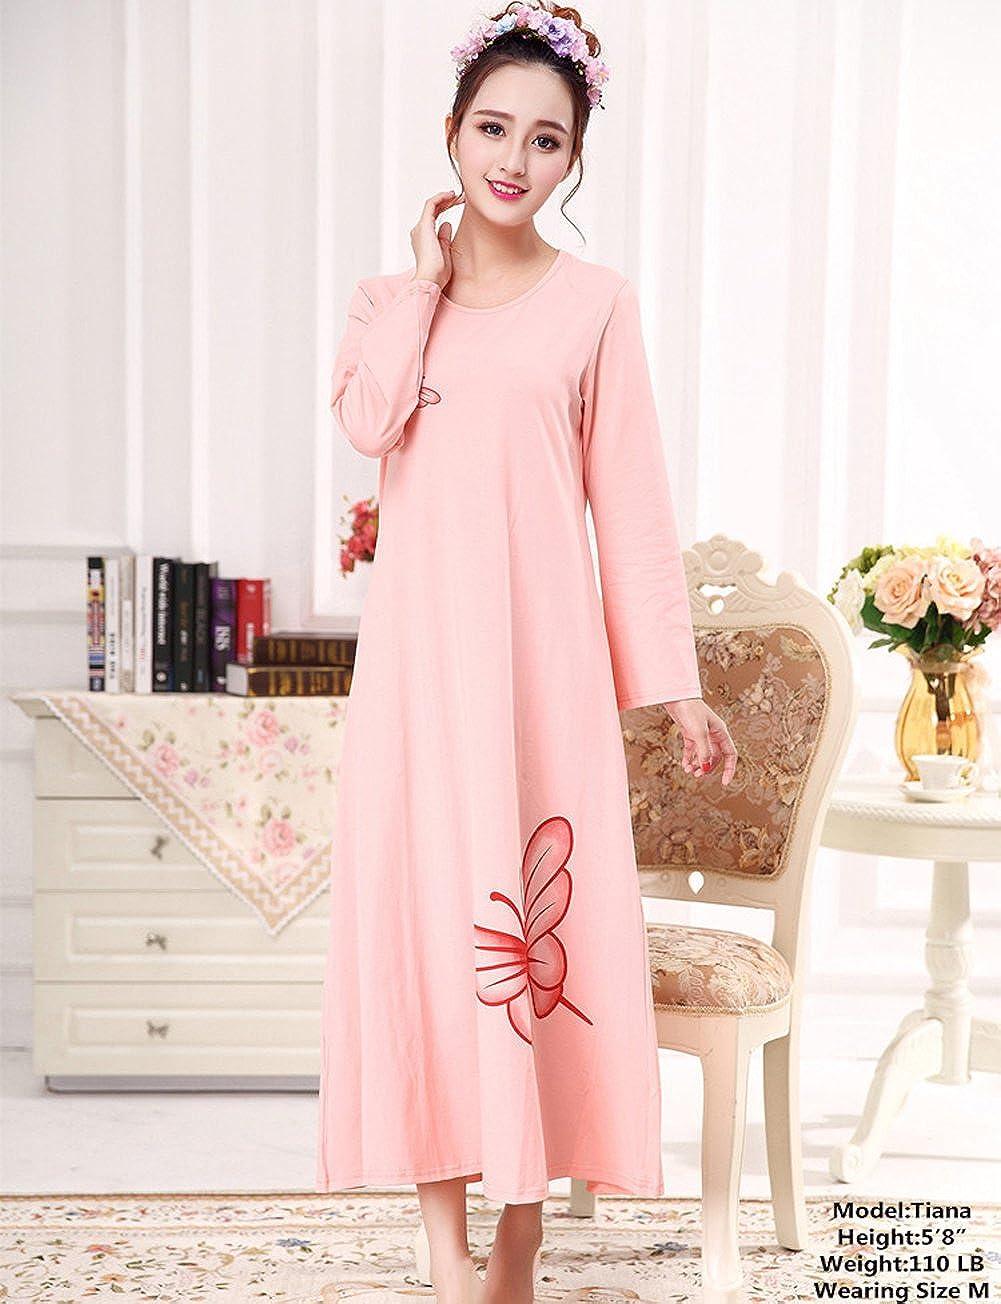 VEBE Niñas para mujer diseño de mariposas vestido - Rosado -: Amazon ...